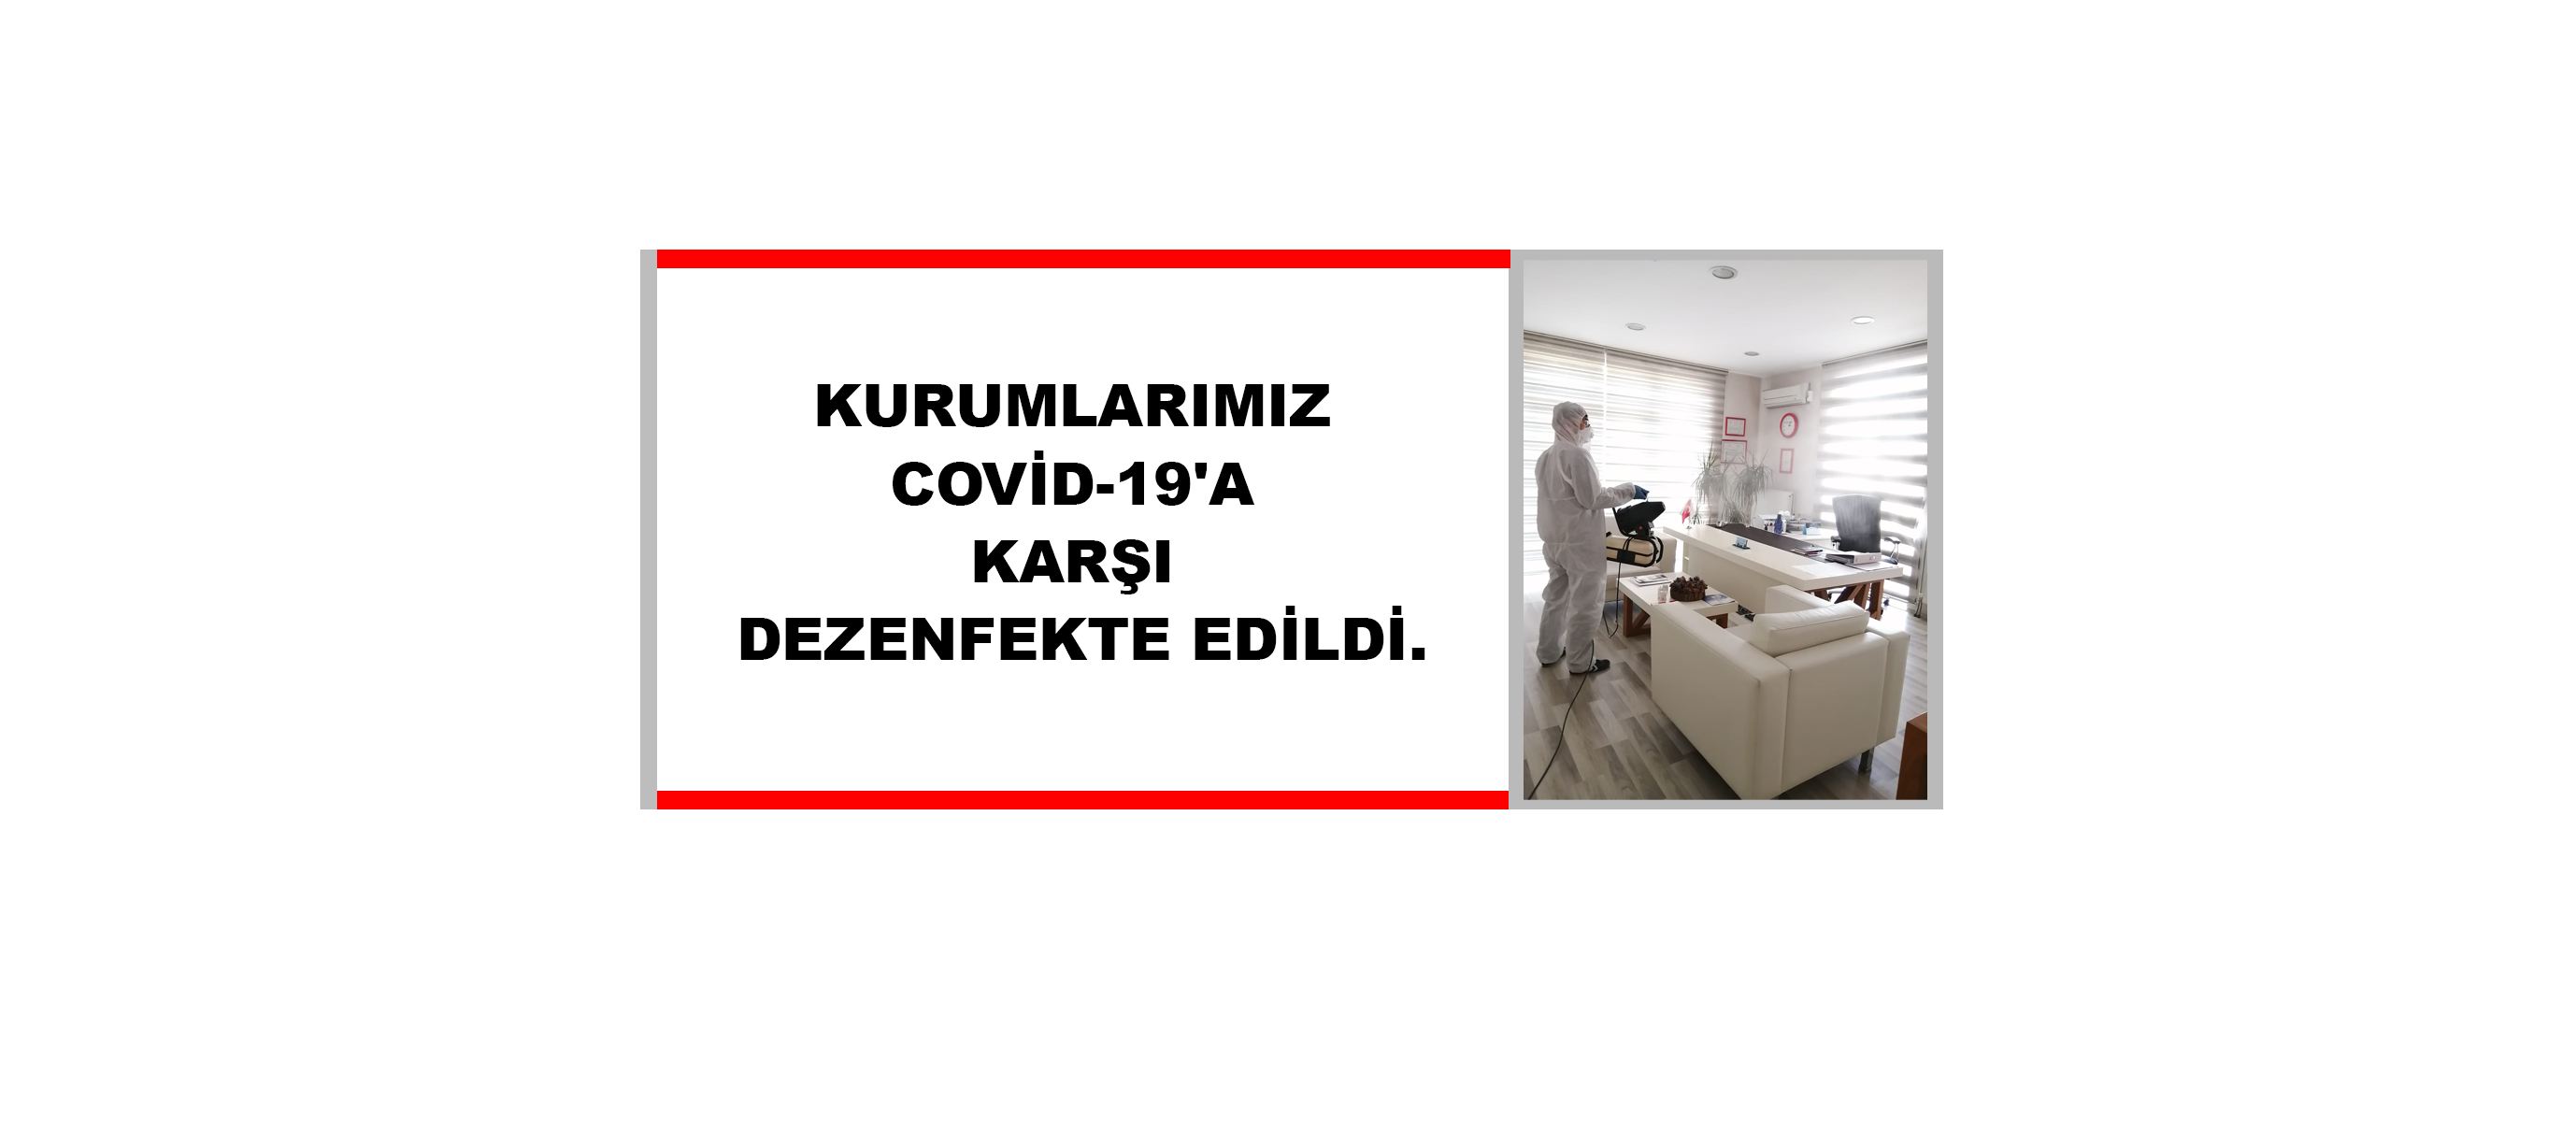 KURUMLARIMIZ COVİD-19'A KARŞI DEZENFEKTE EDİLDİ.